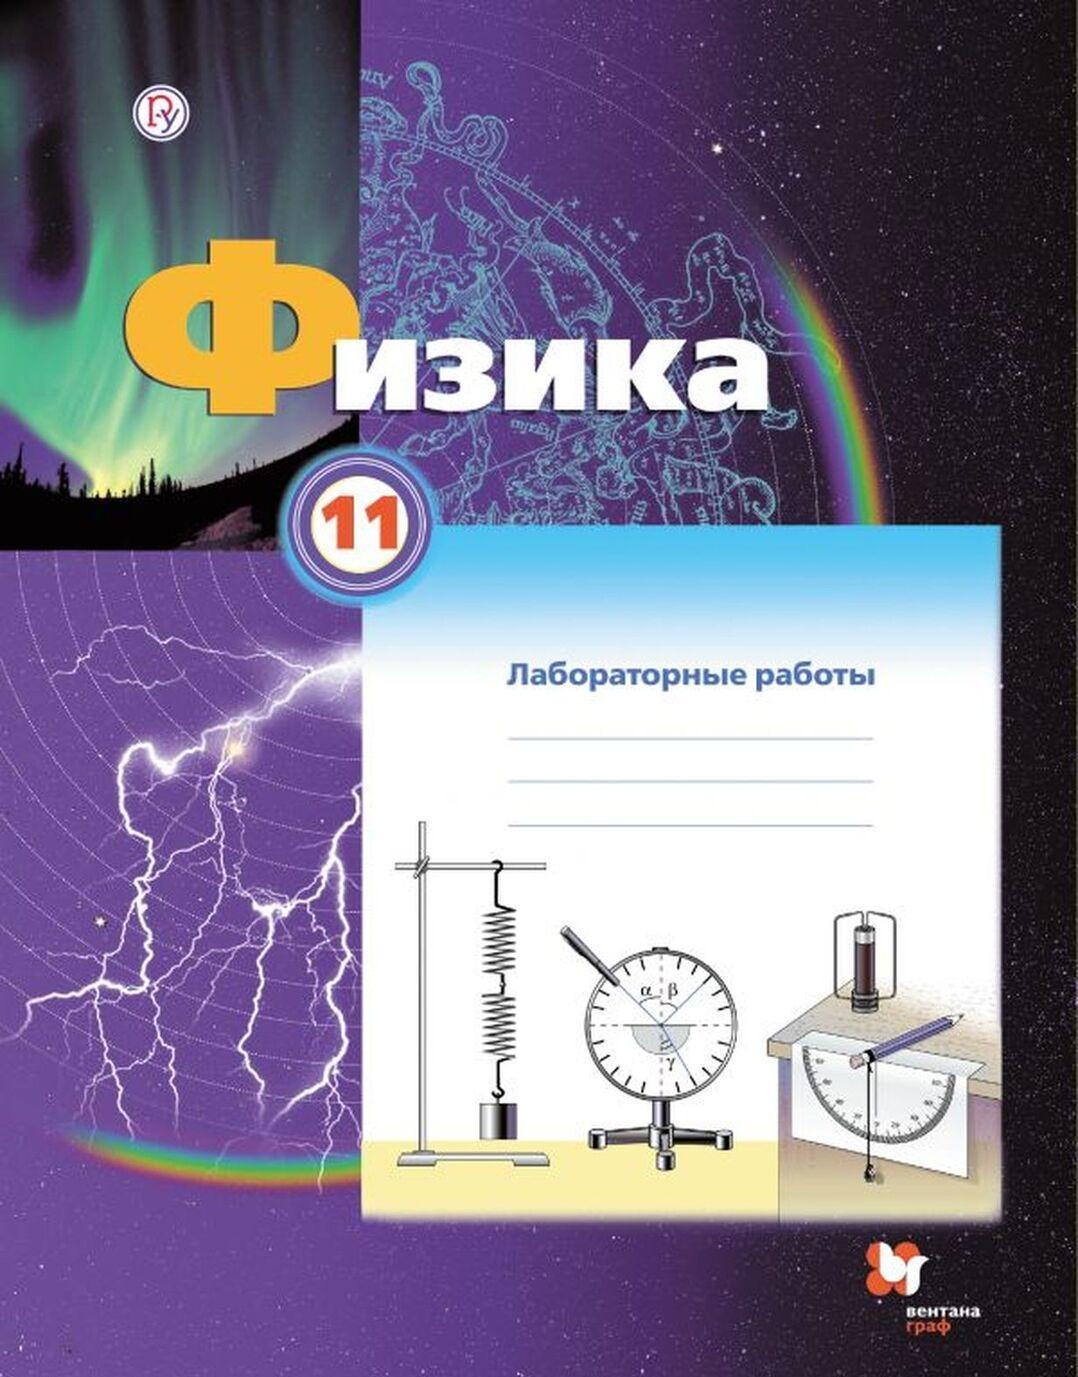 Fizika. 11 klass. Tetrad dlja laboratornykh rabot | Grachev Aleksandr Vasilevich, Bokov Pavel Jurevich